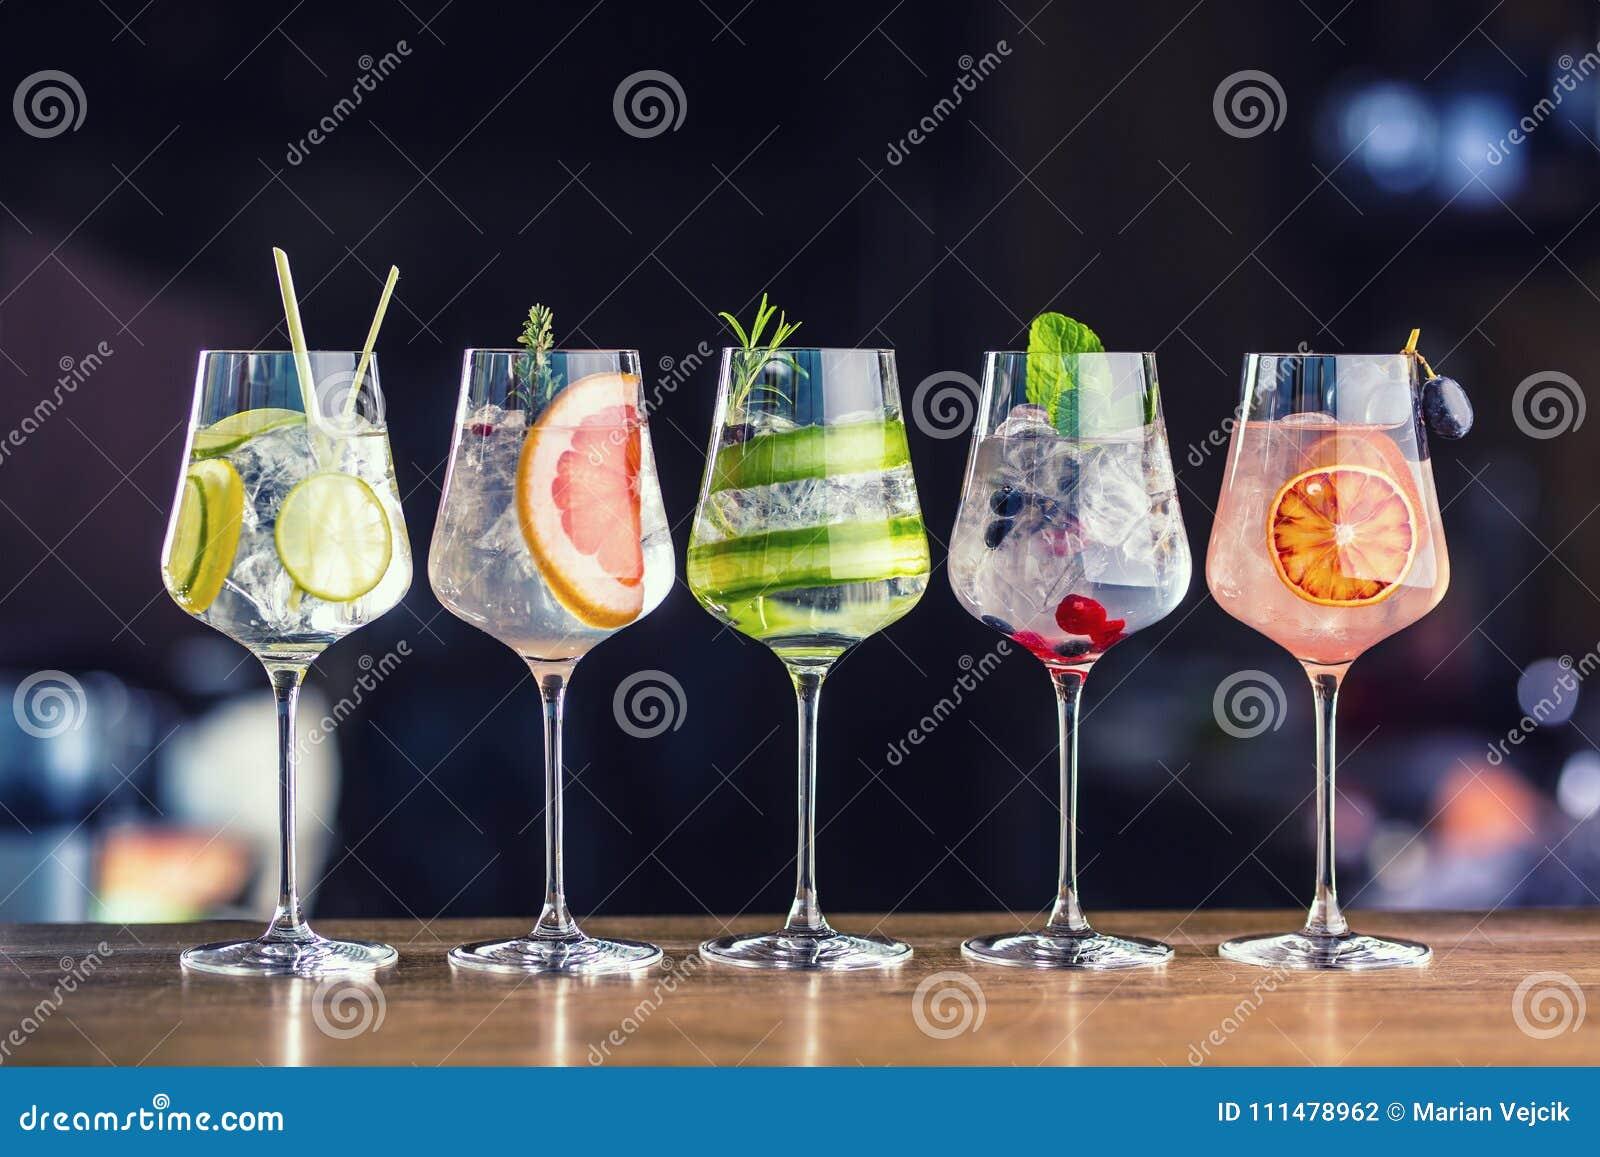 在酒杯的五个五颜六色的杜松子酒补剂鸡尾酒在酒吧柜台